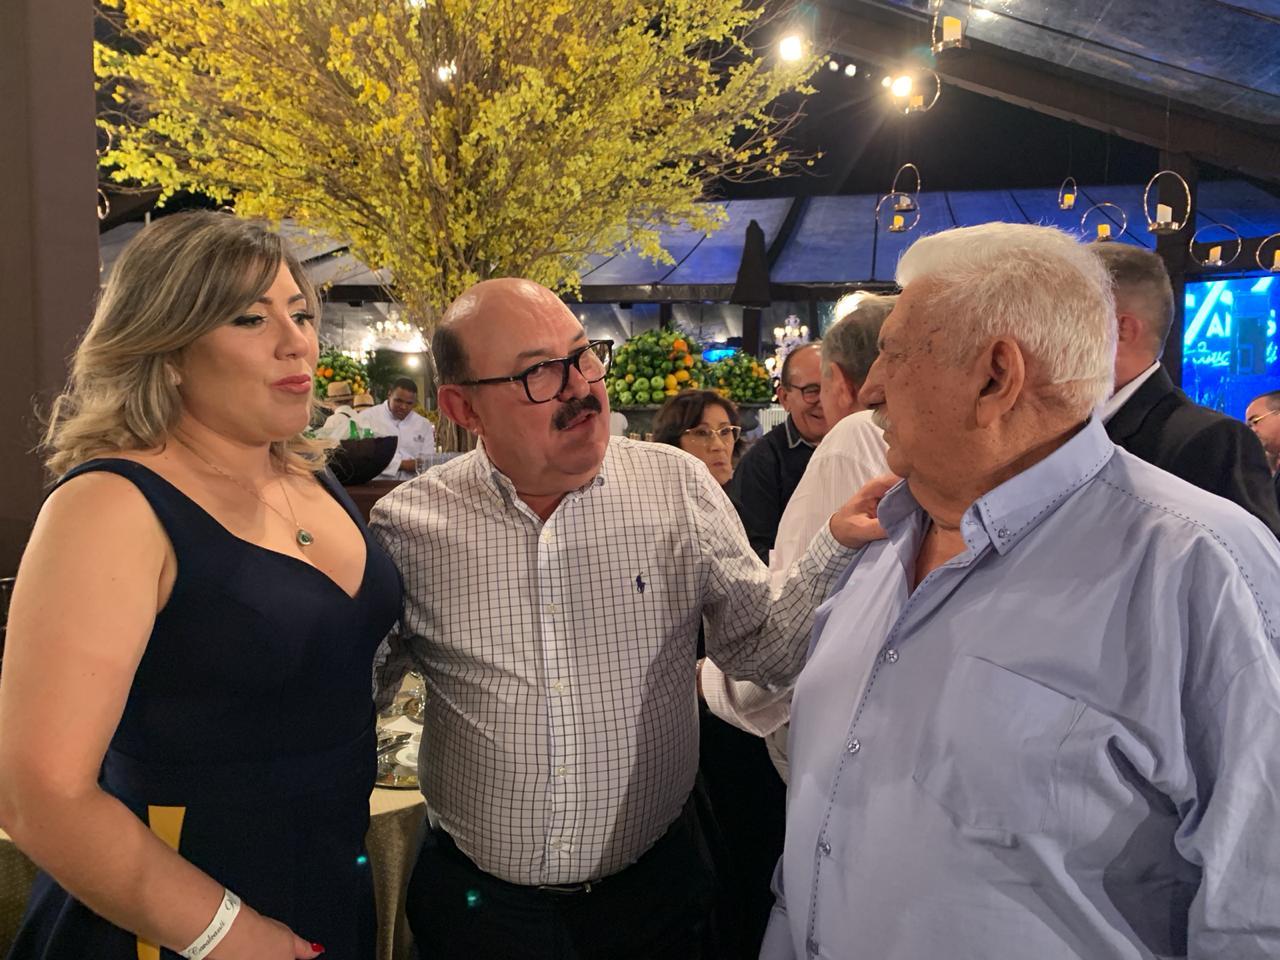 WhatsApp Image 2019 09 22 at 10.04.43 1 - Políticos e empresários comemoram os 90 anos de Zé Cavalcanti, em Cajazeiras - VEJA FOTOS E VÍDEOS